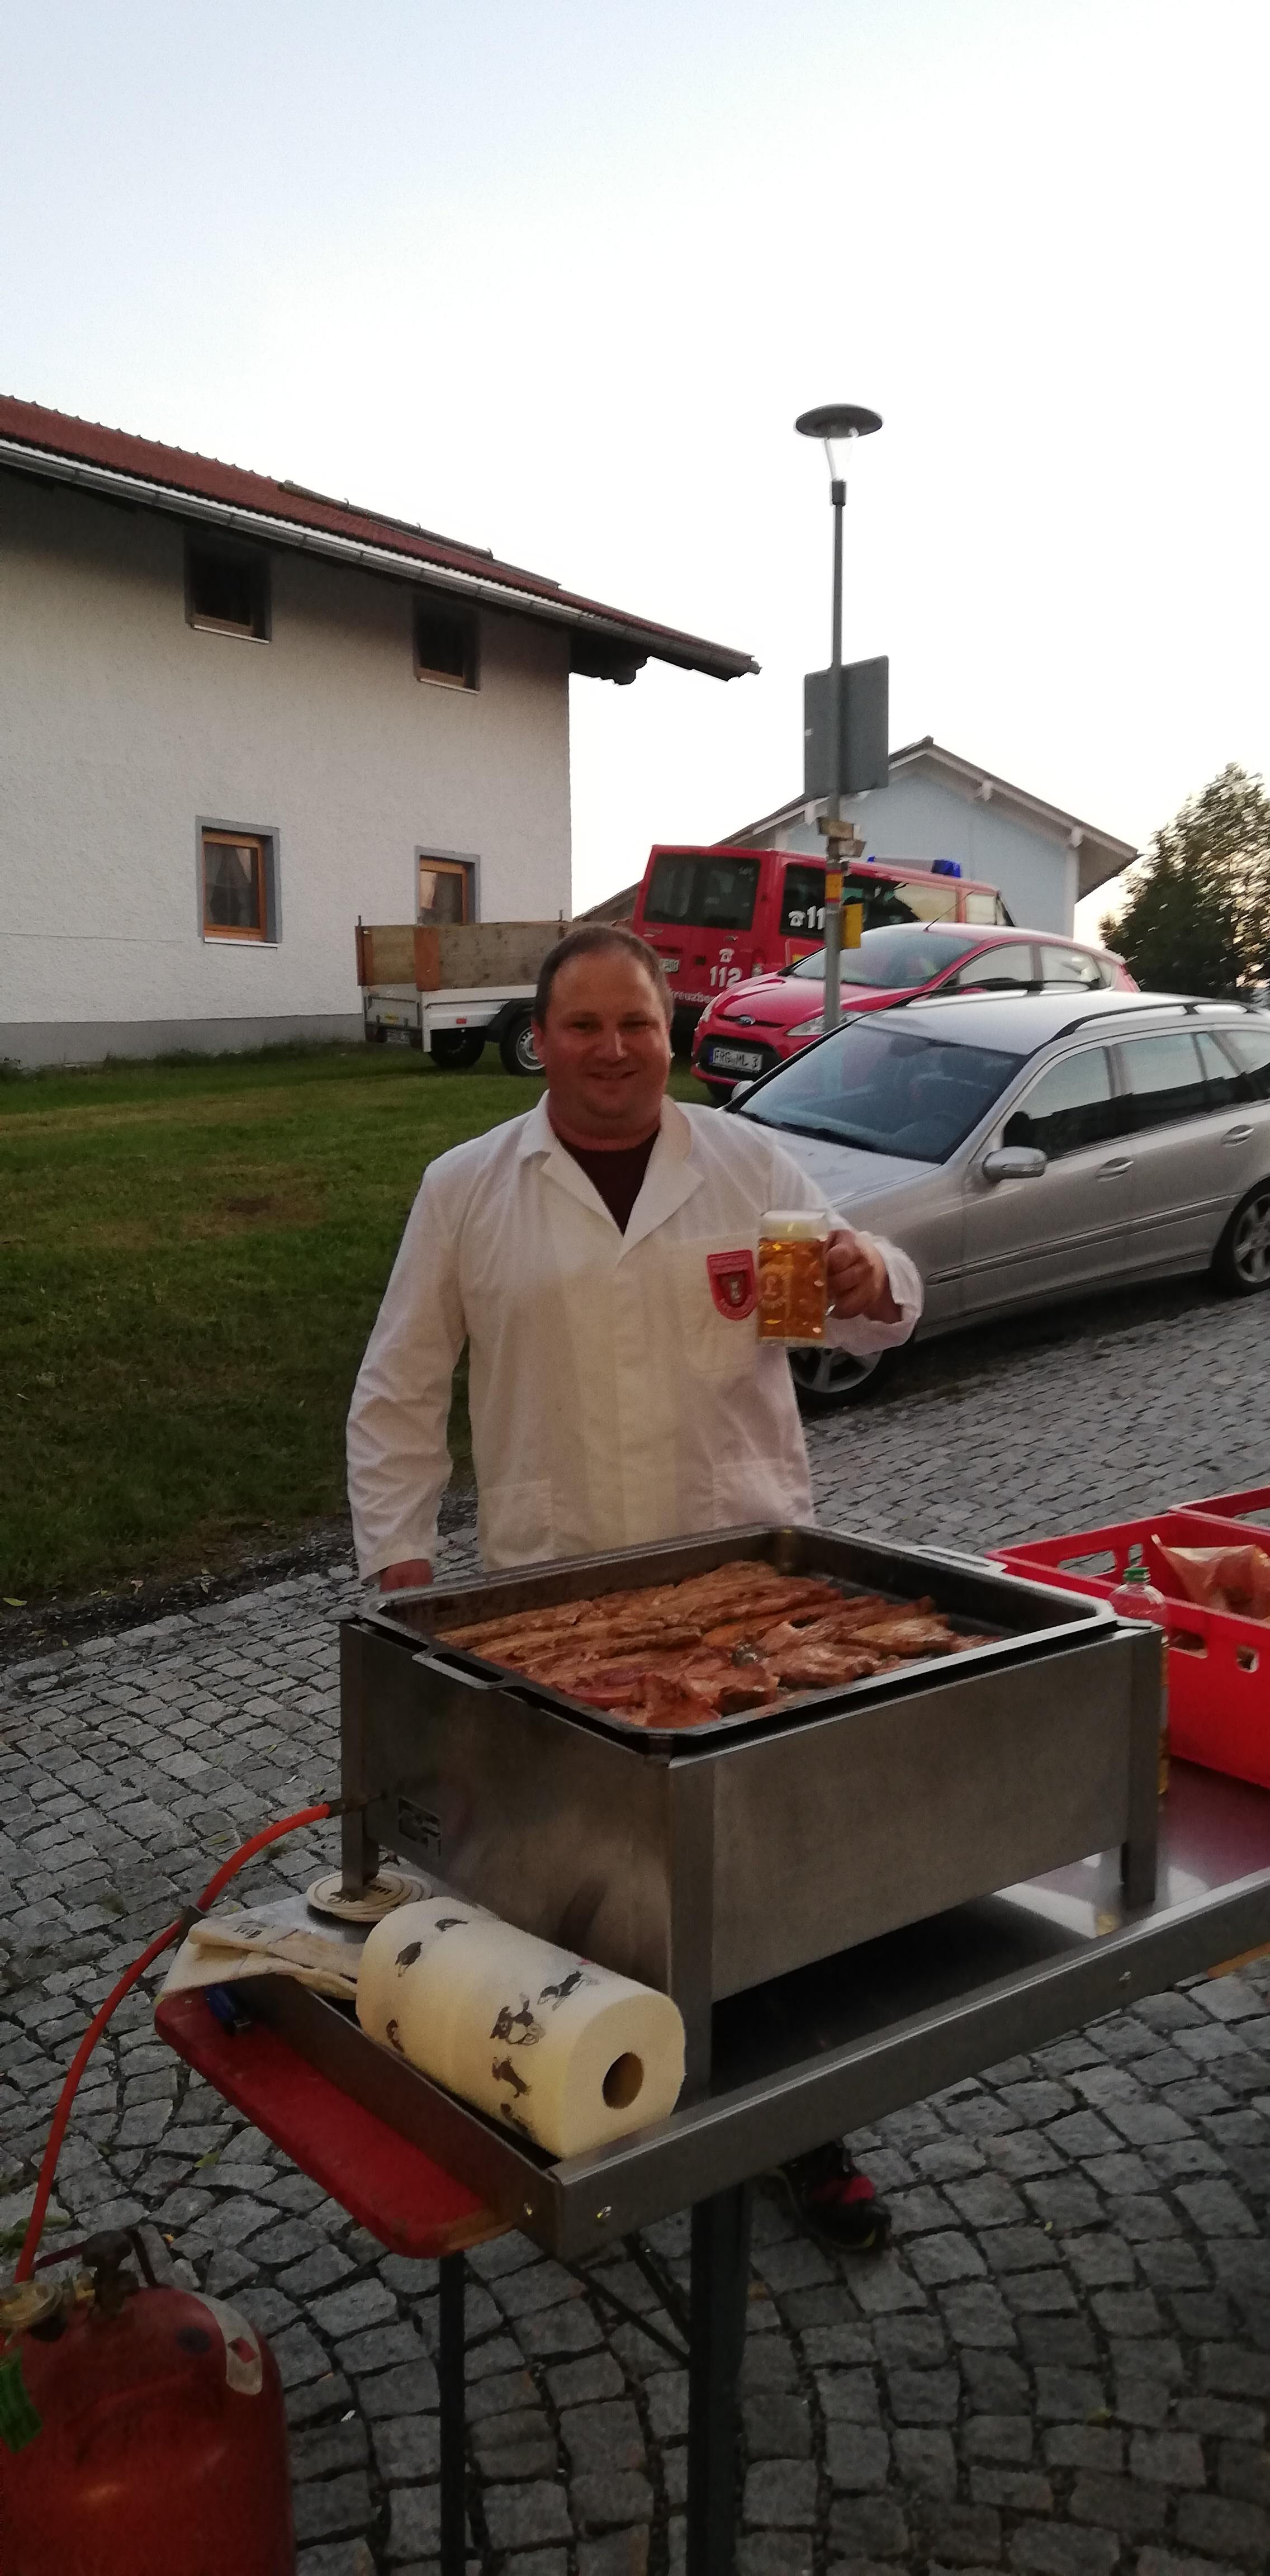 Grillfest 2018 - Grillmeister bei der Arbeit.